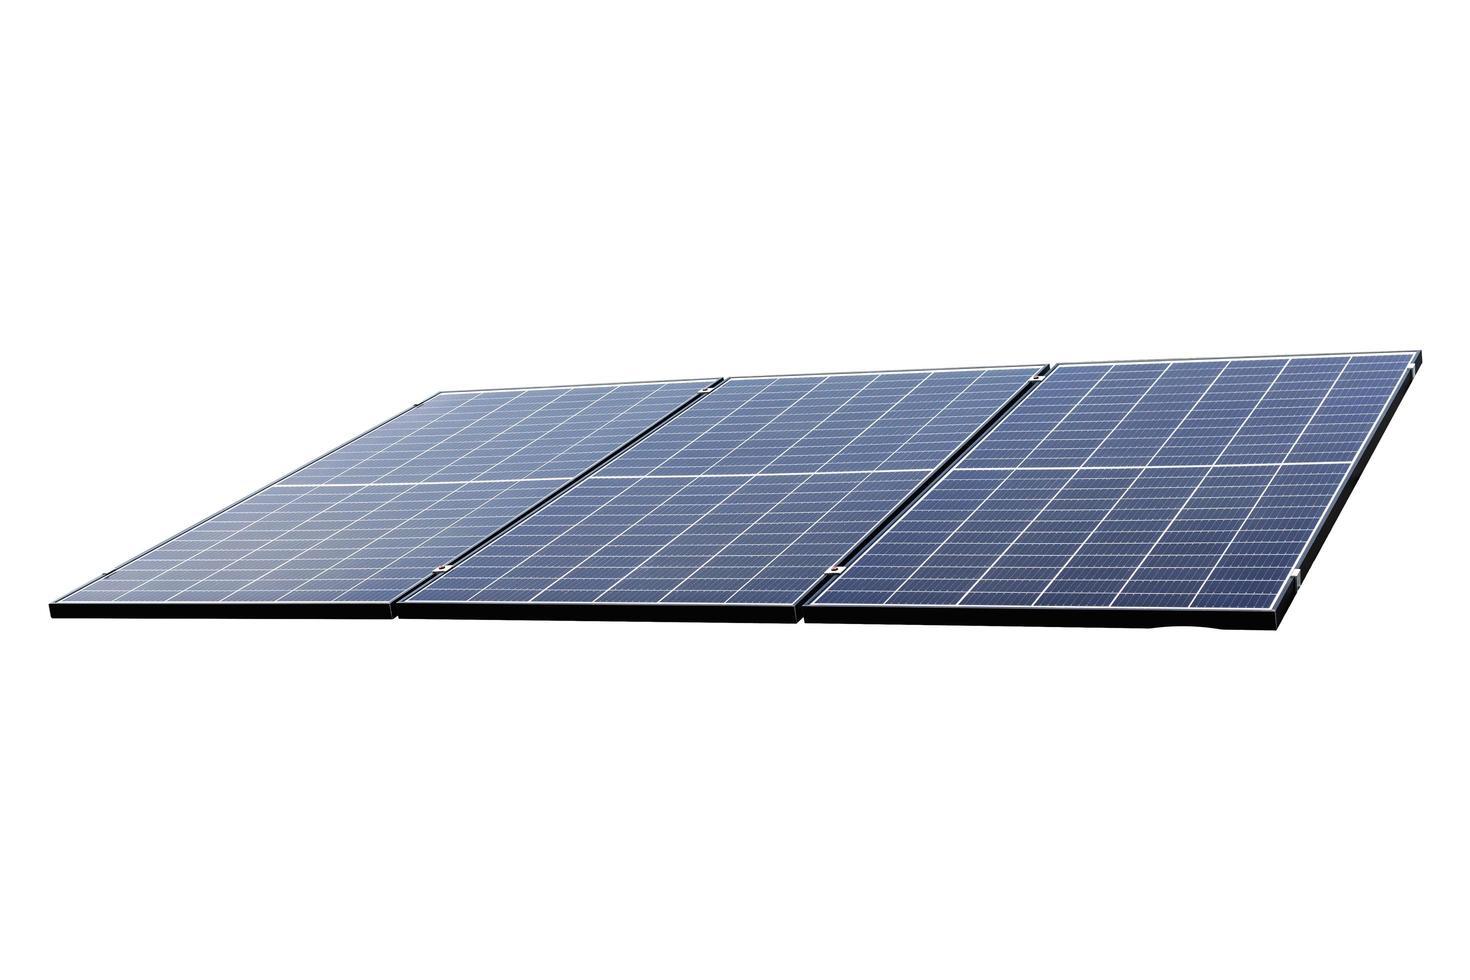 Photovoltaik-Solarpanel auf einem weißen foto